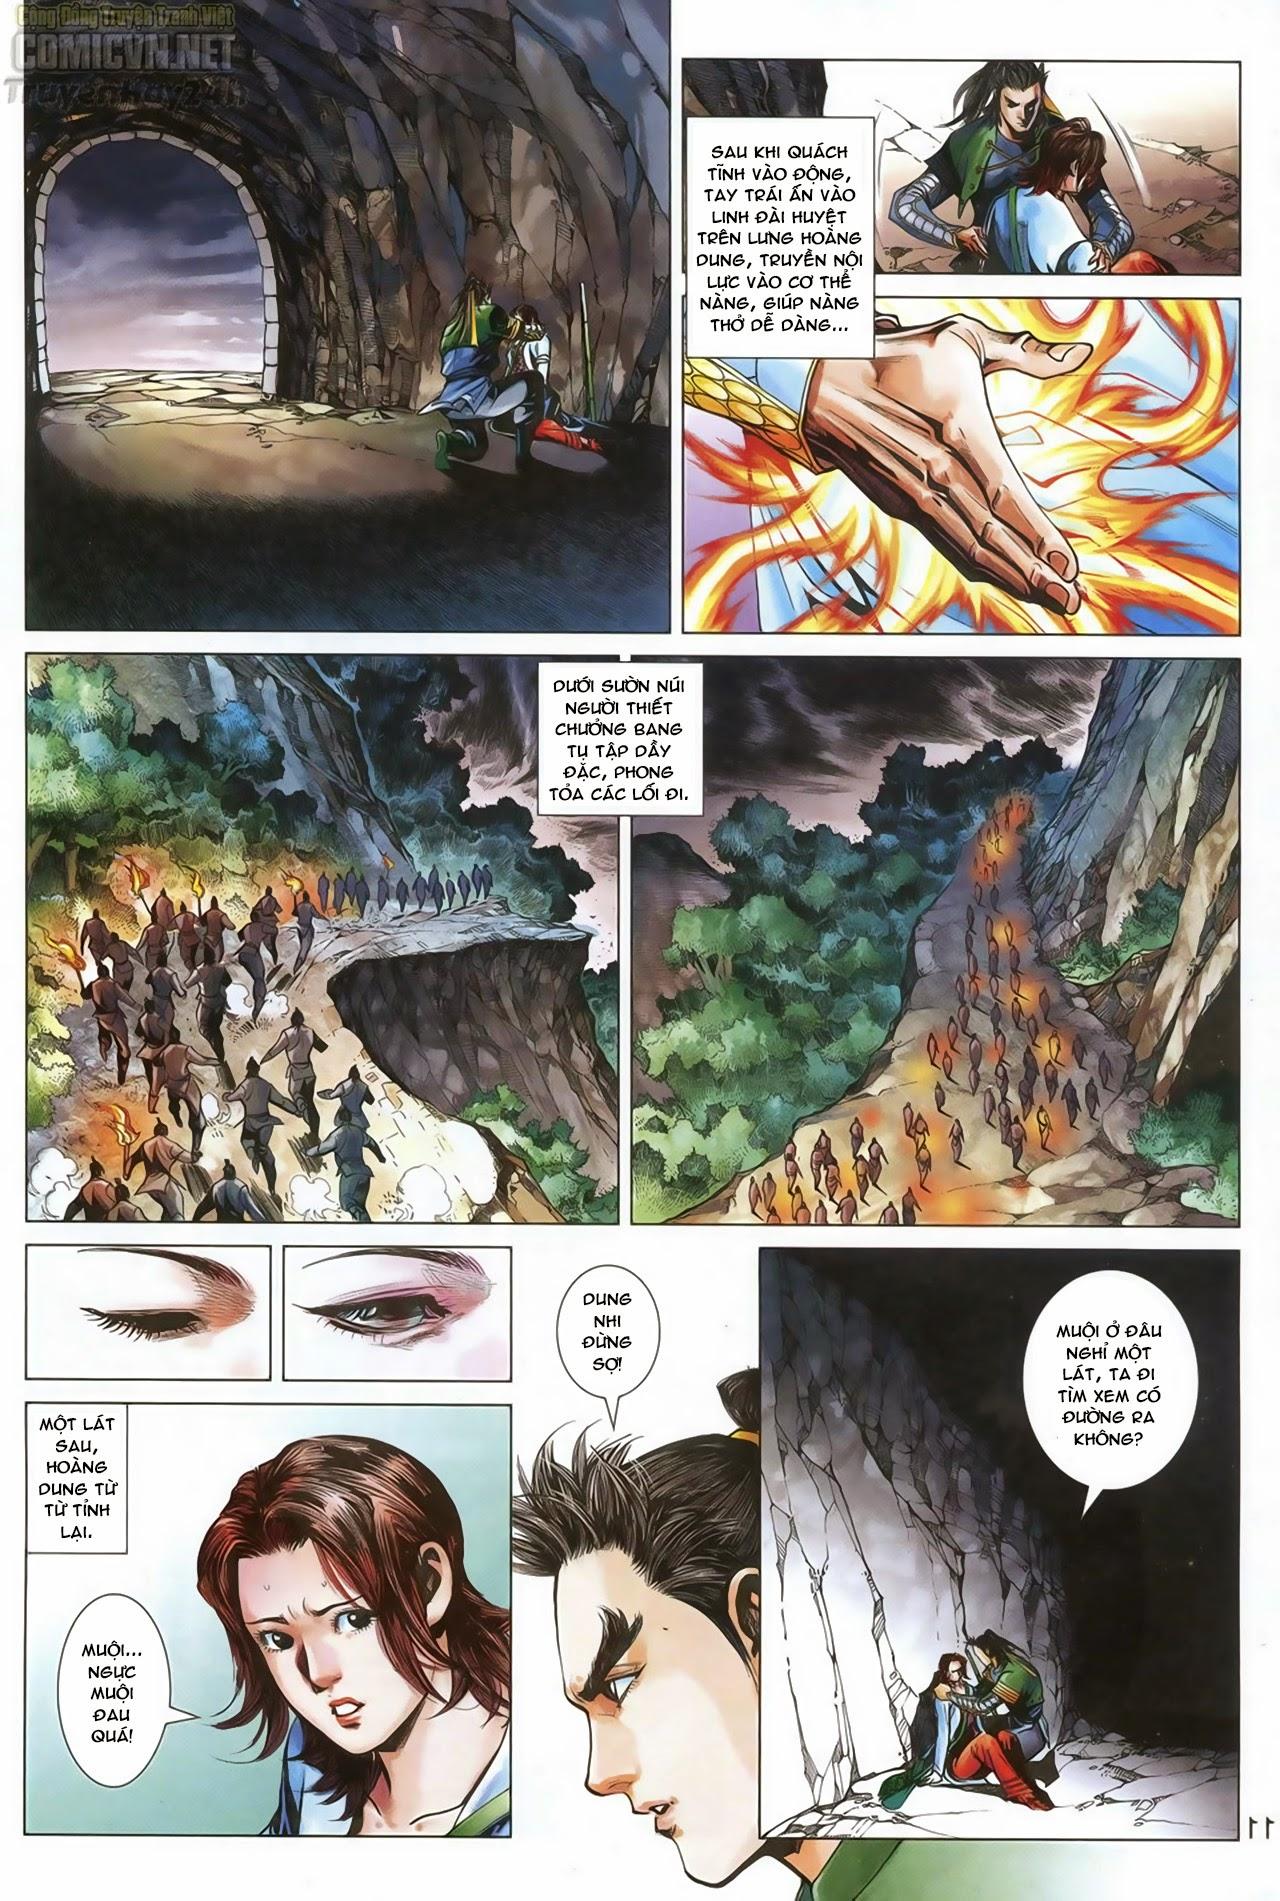 Anh Hùng Xạ Điêu anh hùng xạ đêu chap 69: hồn đoạn thiết chưởng phong trang 12